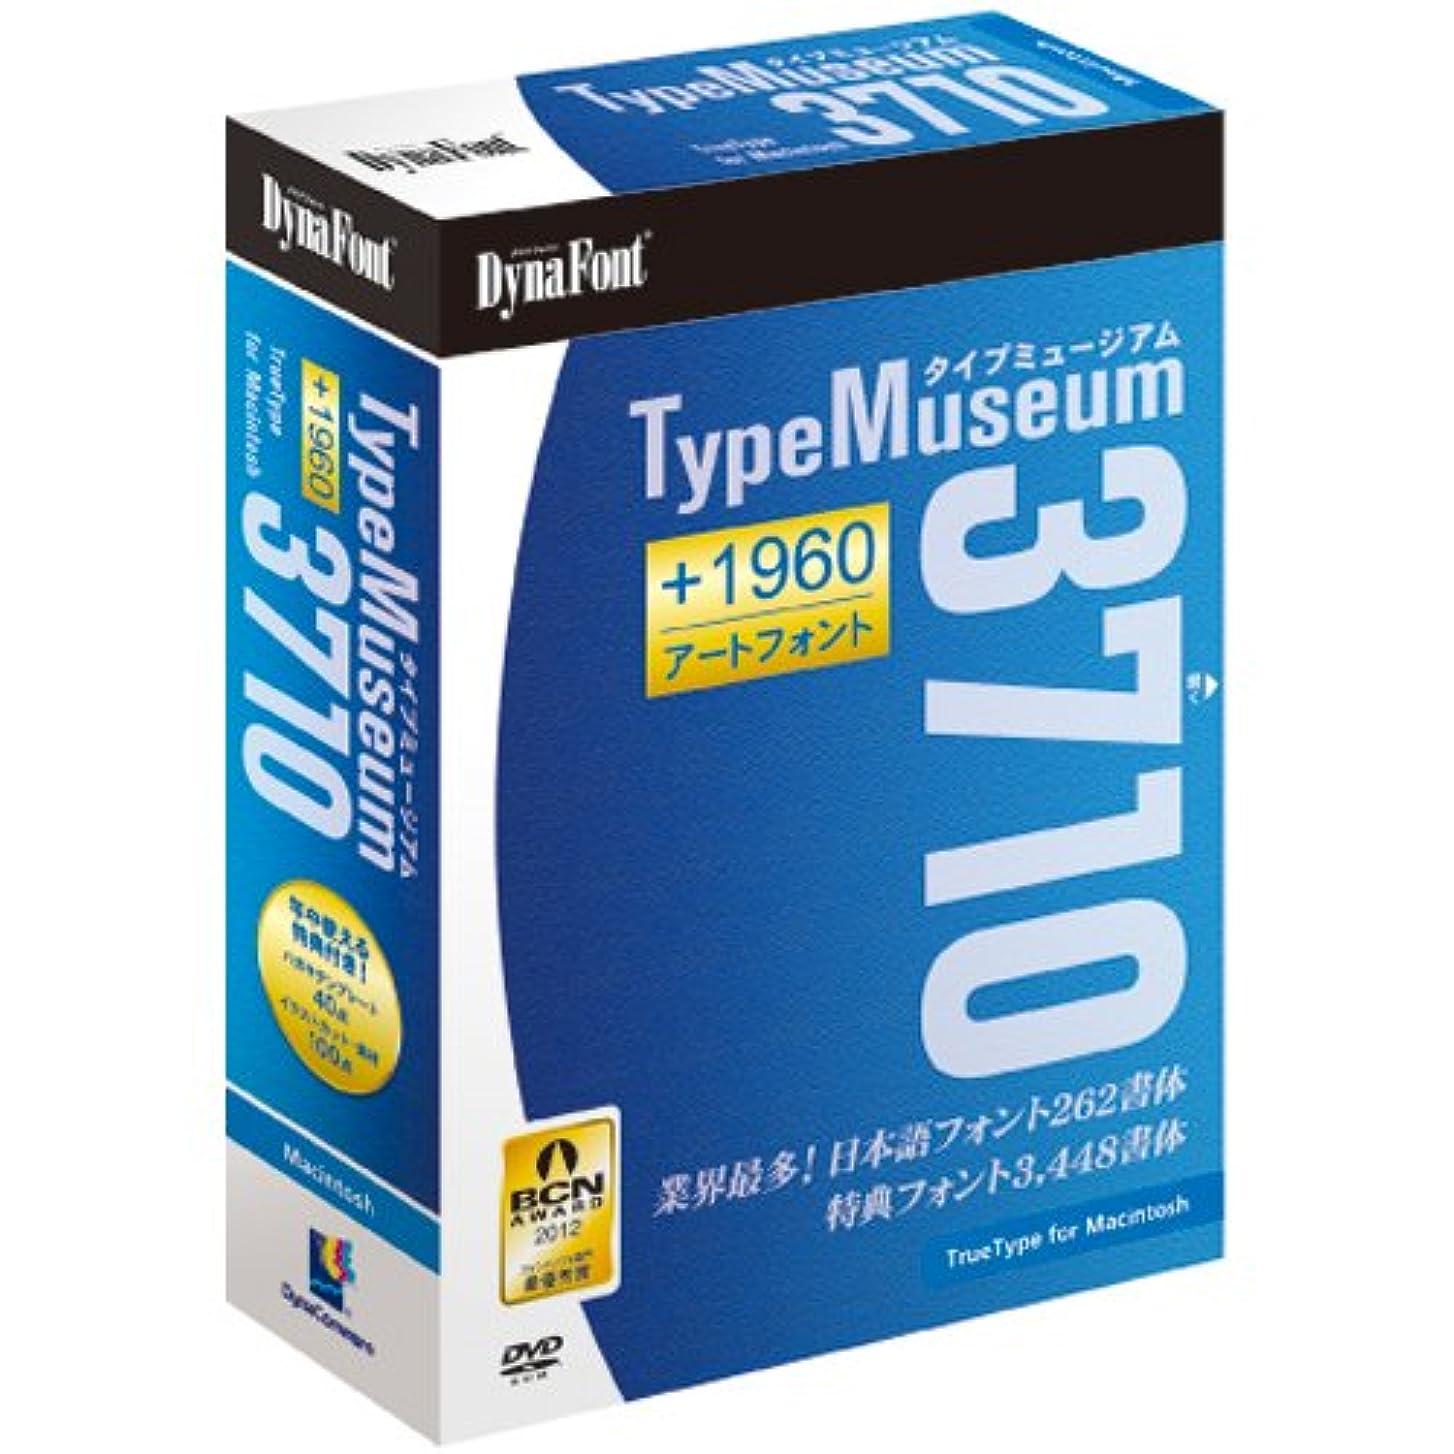 競争エロチック荒廃するDynaFont TypeMuseum 3710+1960 TrueType for Macintosh